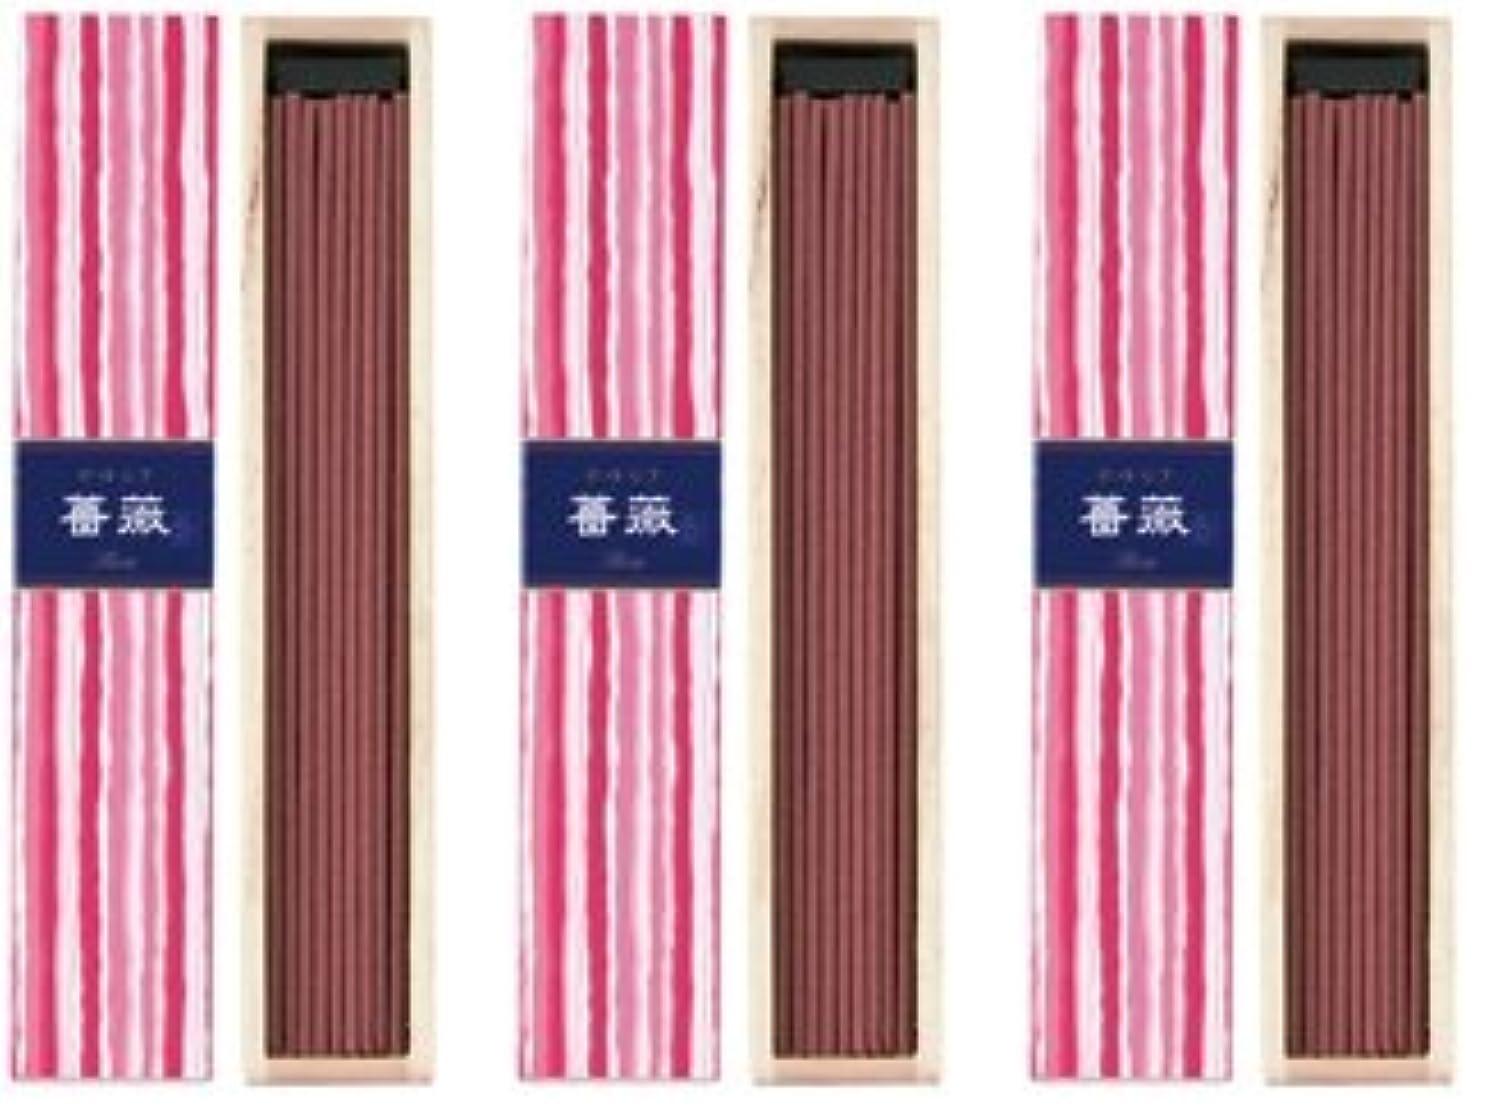 透過性正確に取り扱い日本香堂 かゆらぎ 薔薇 スティック40本入 3箱セット